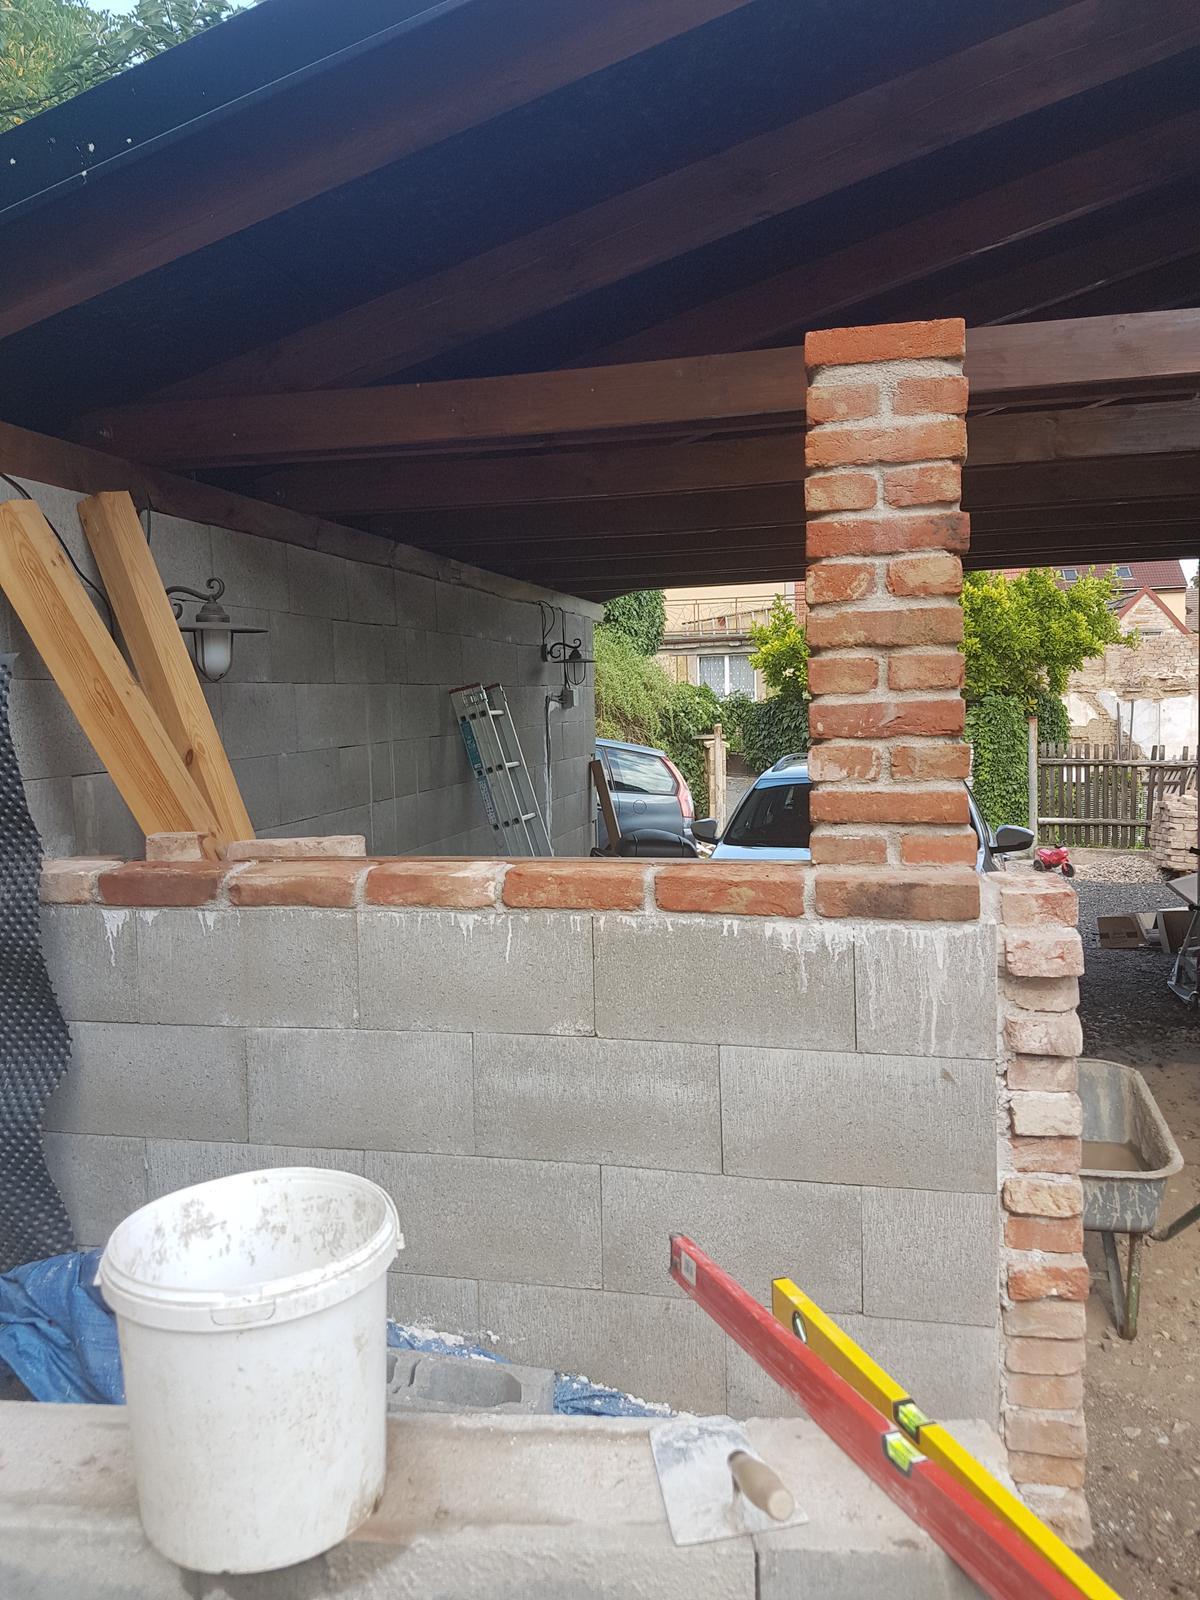 Garážové stánie - projekt r. 2017 - Stĺpik hotovy. Keď zatvrdne dáme a zafixujeme okno a začneme ho domurovávať.